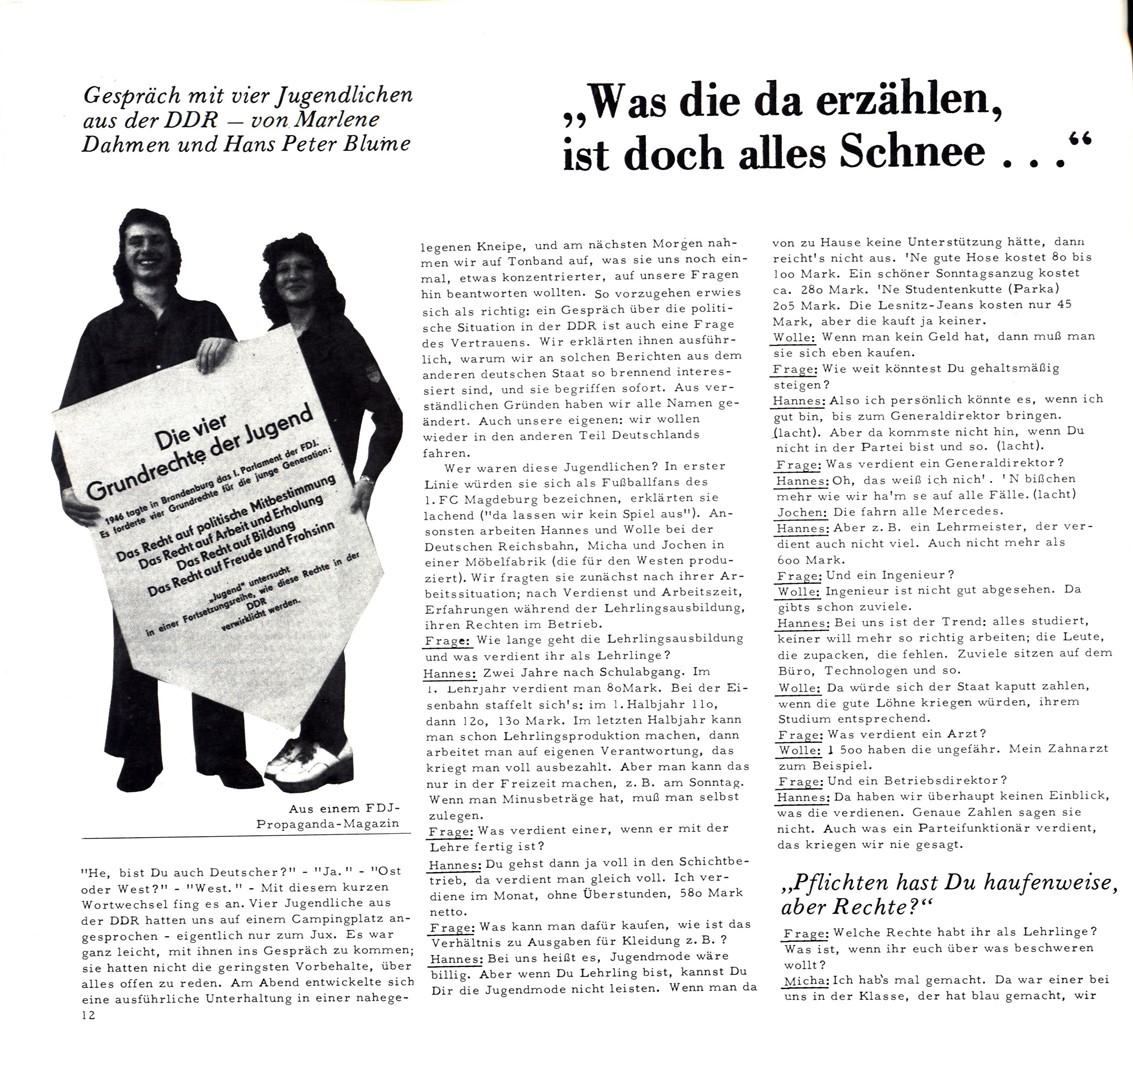 VSK_Kaempfende_Kunst_19771200_12